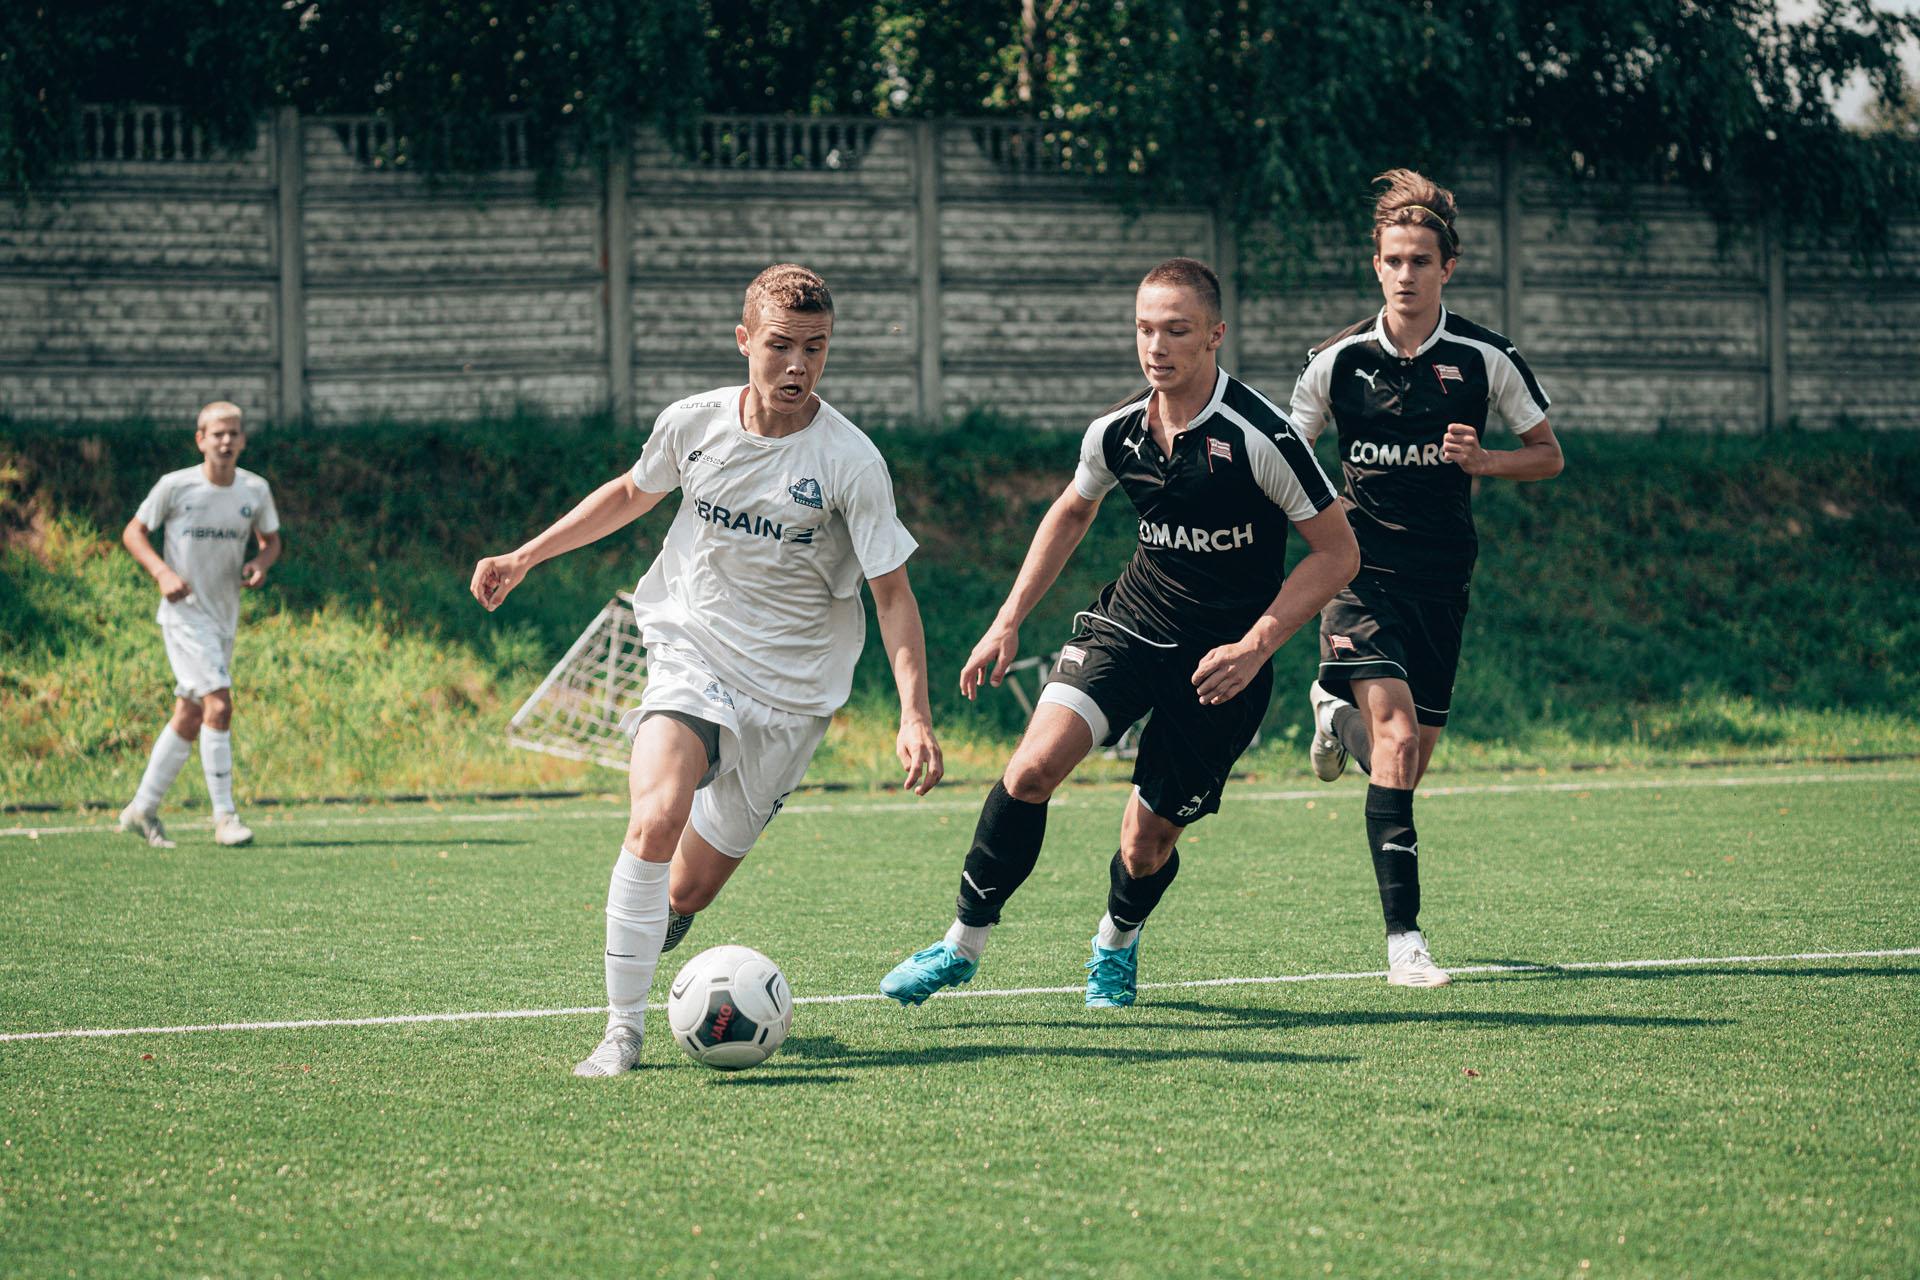 U17 - sparing - Stal Rzeszów - Cracovia Kraków 07-08-2021, fot. K. Krupa